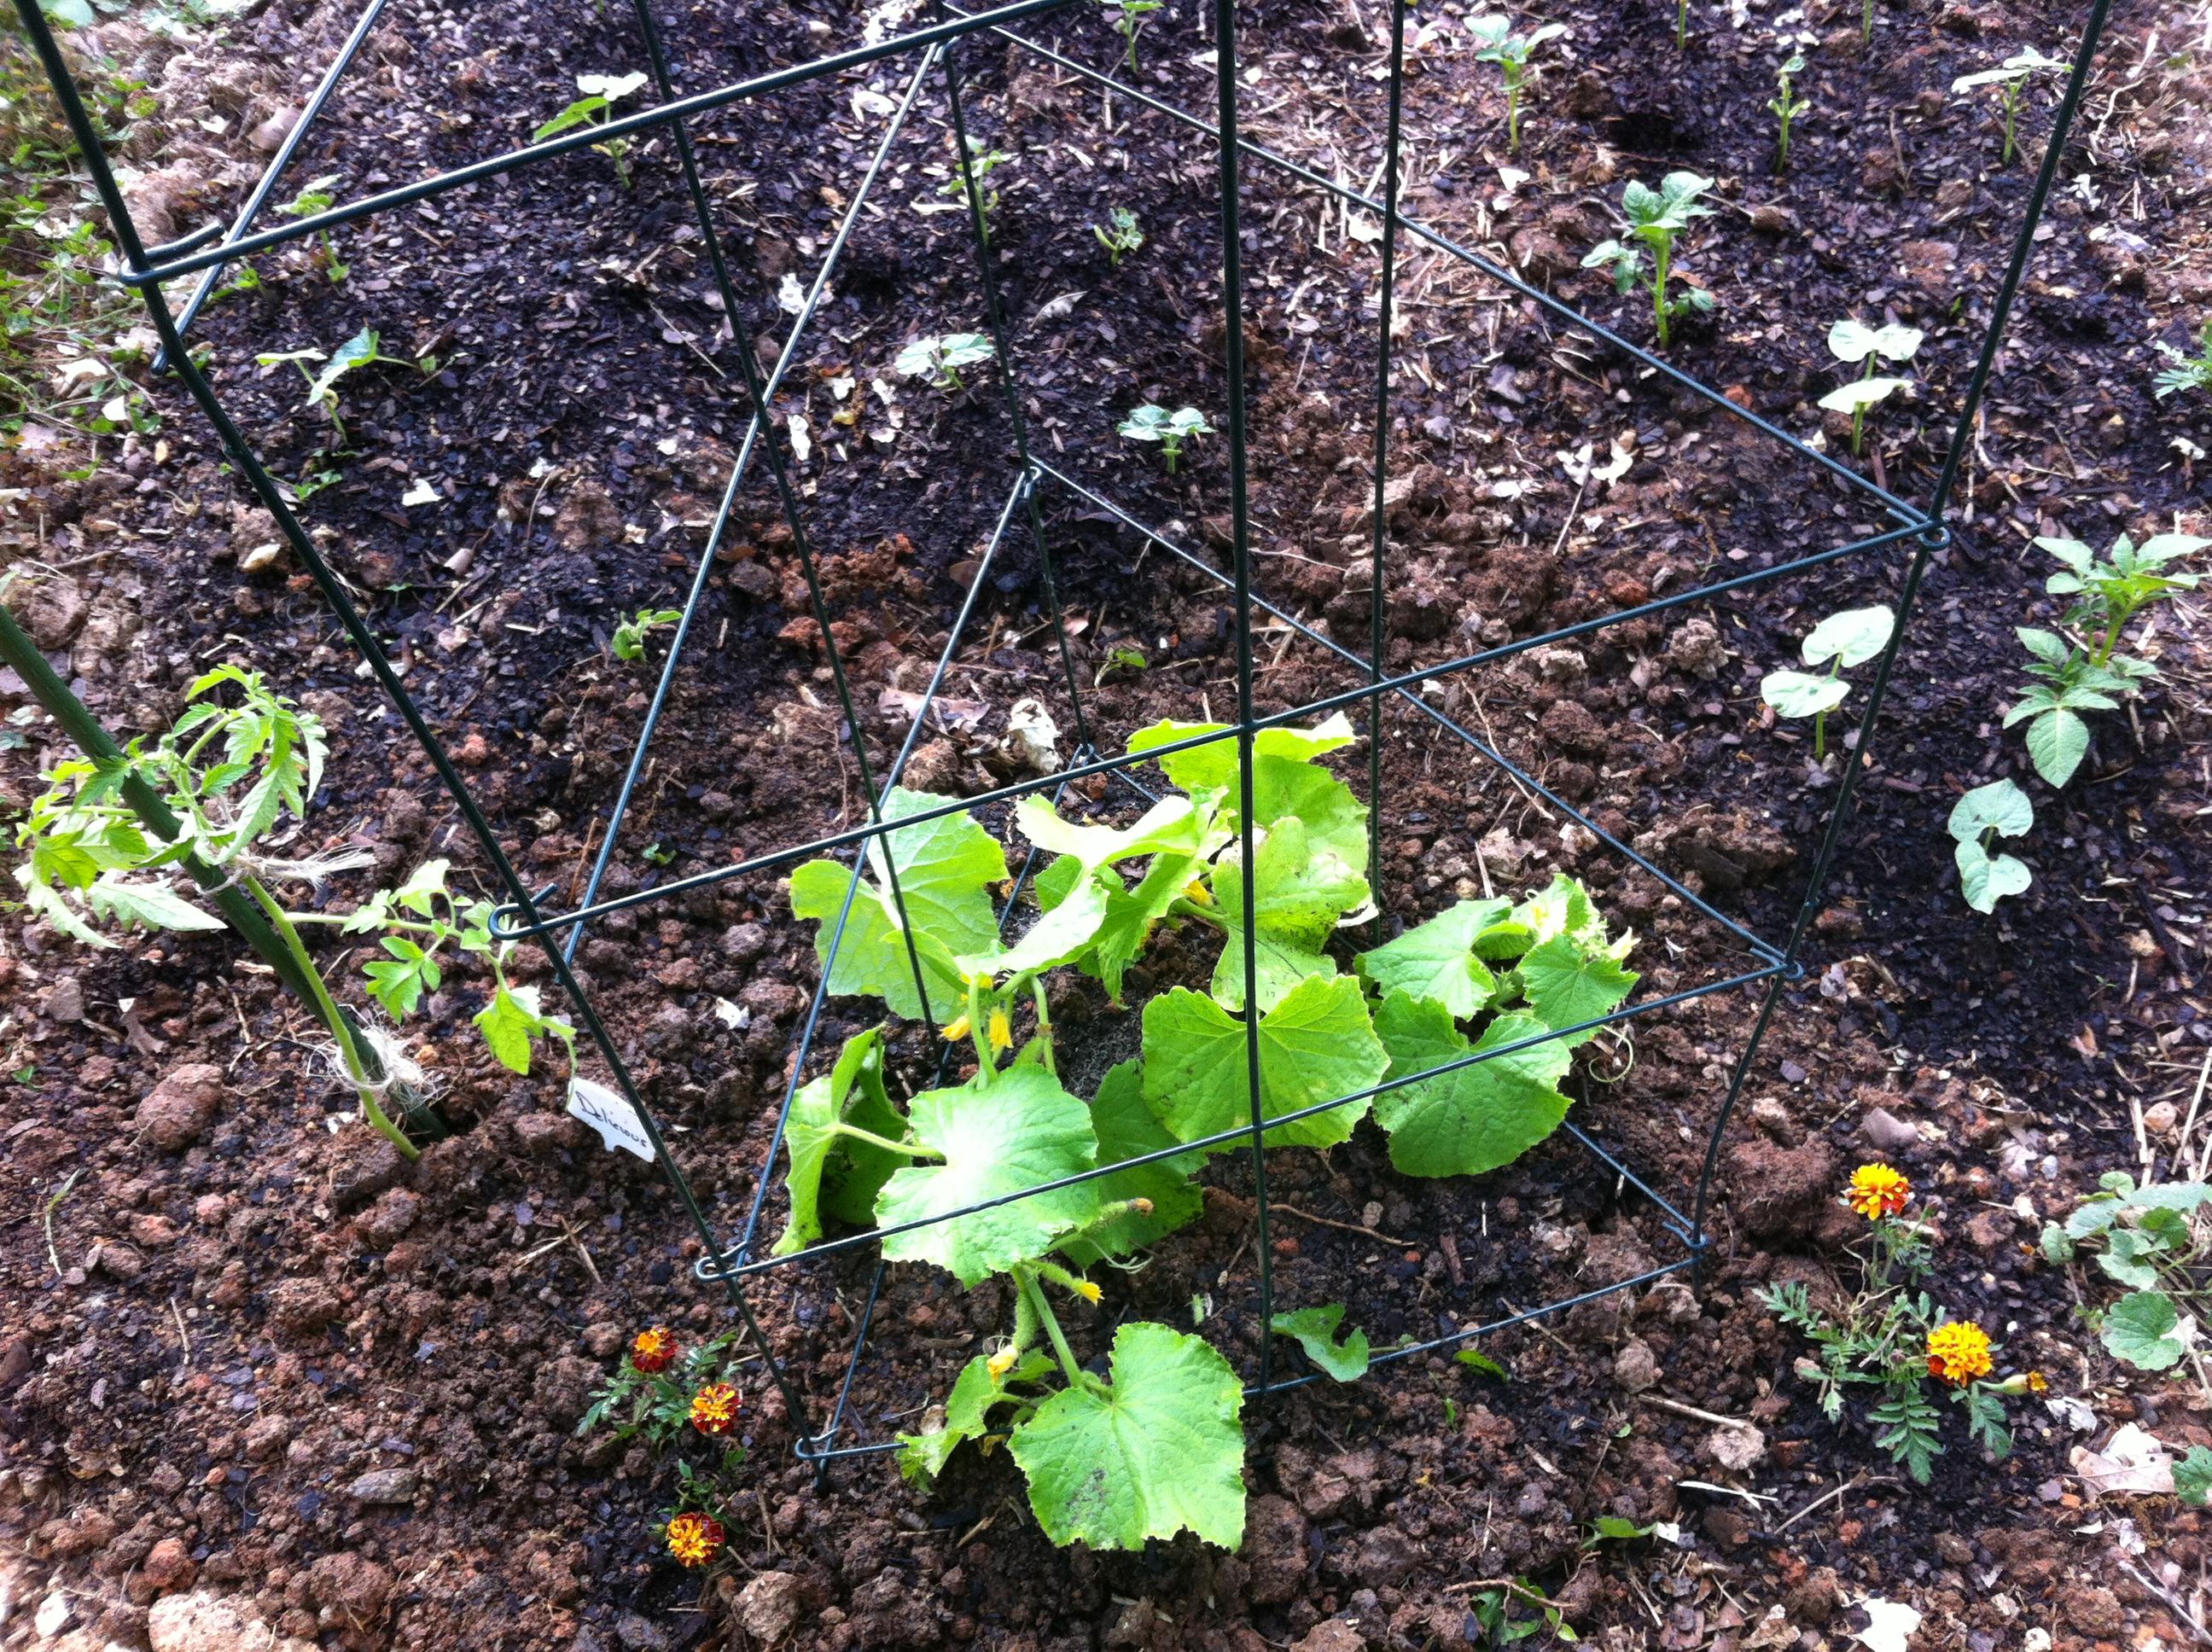 Bush Pickle Cucumber Growing In My Gardengrowing In My